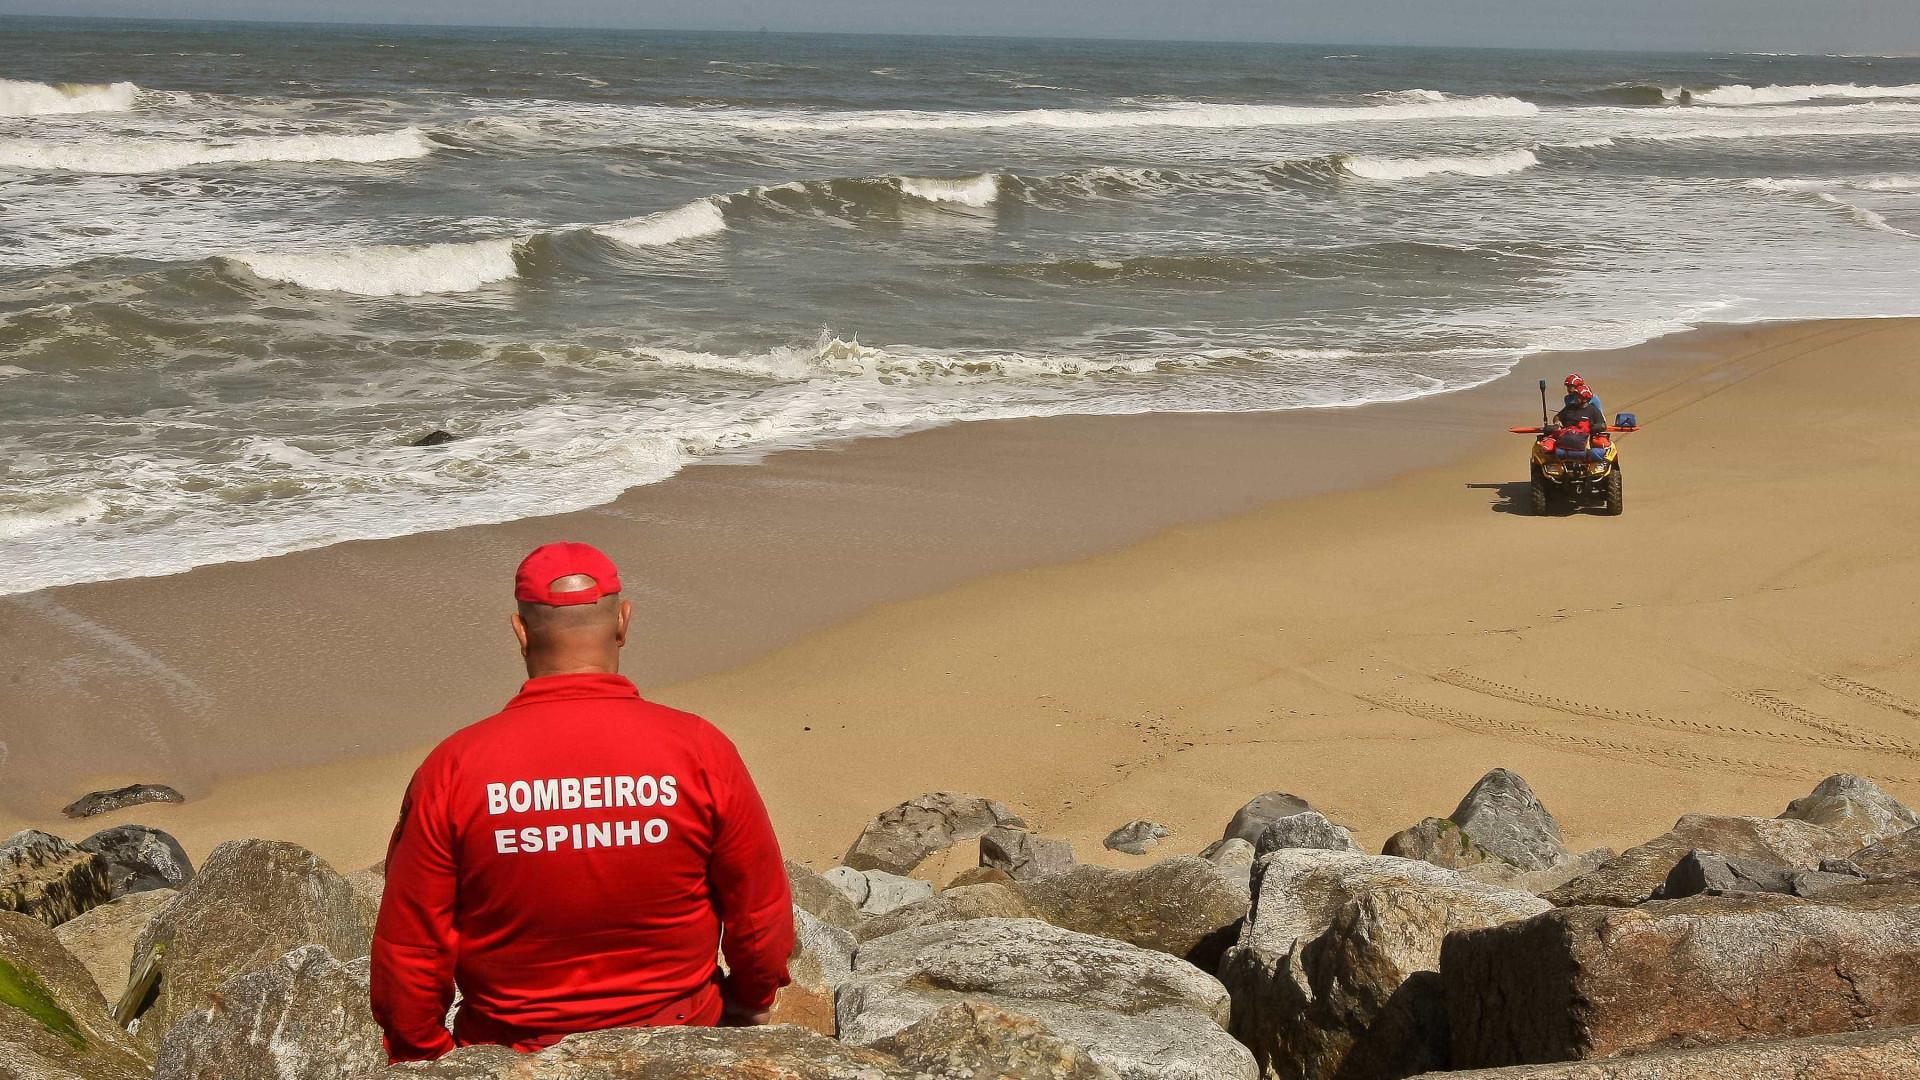 Mais falsos alertas, e corpos de jovens afogados continuam sem aparecer